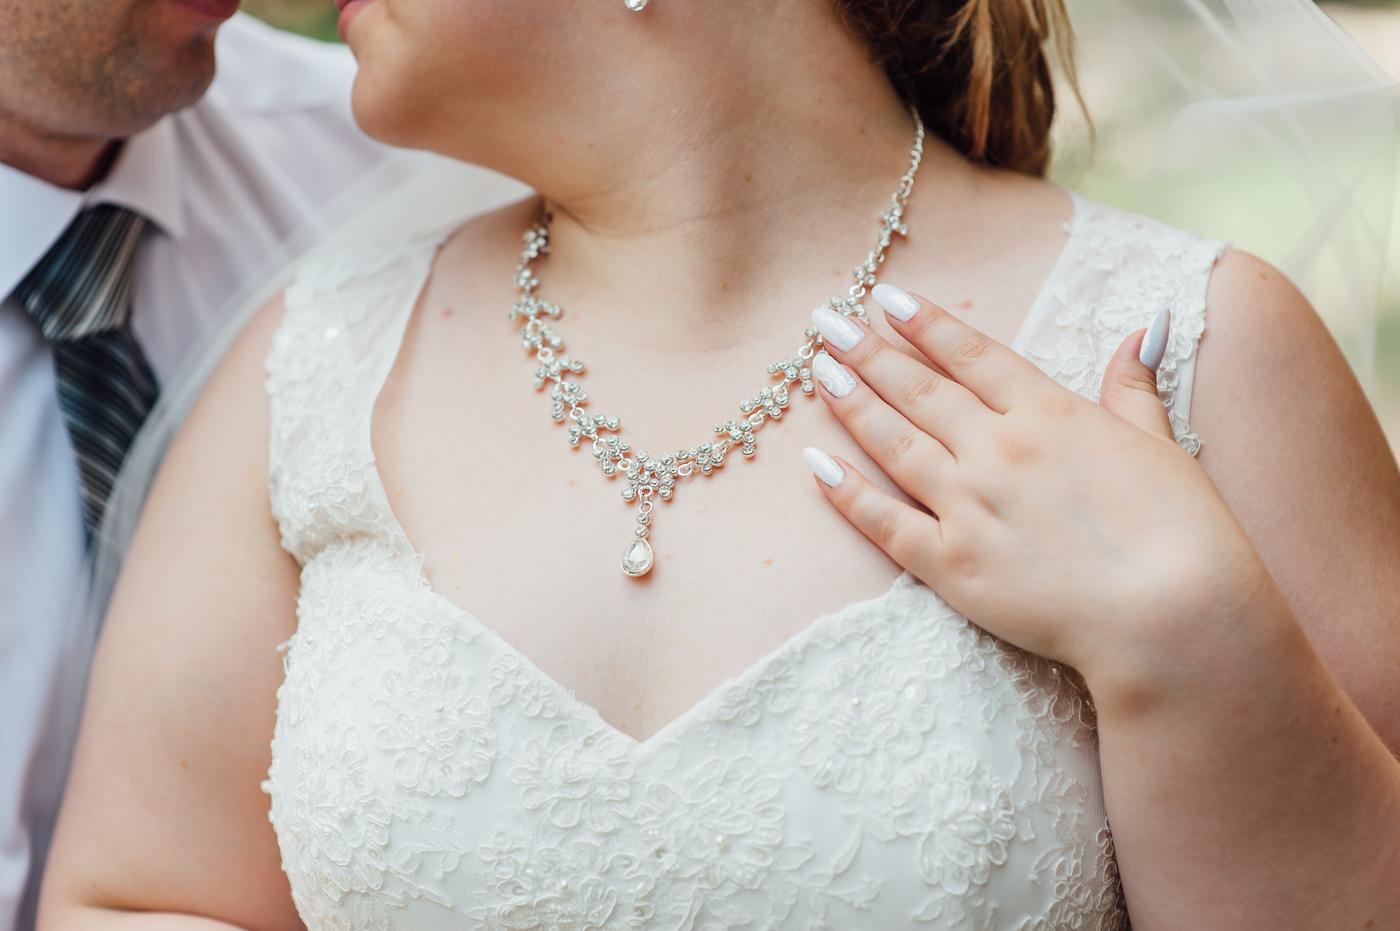 Plus size wedding dresses castleford - Plussize Dresses